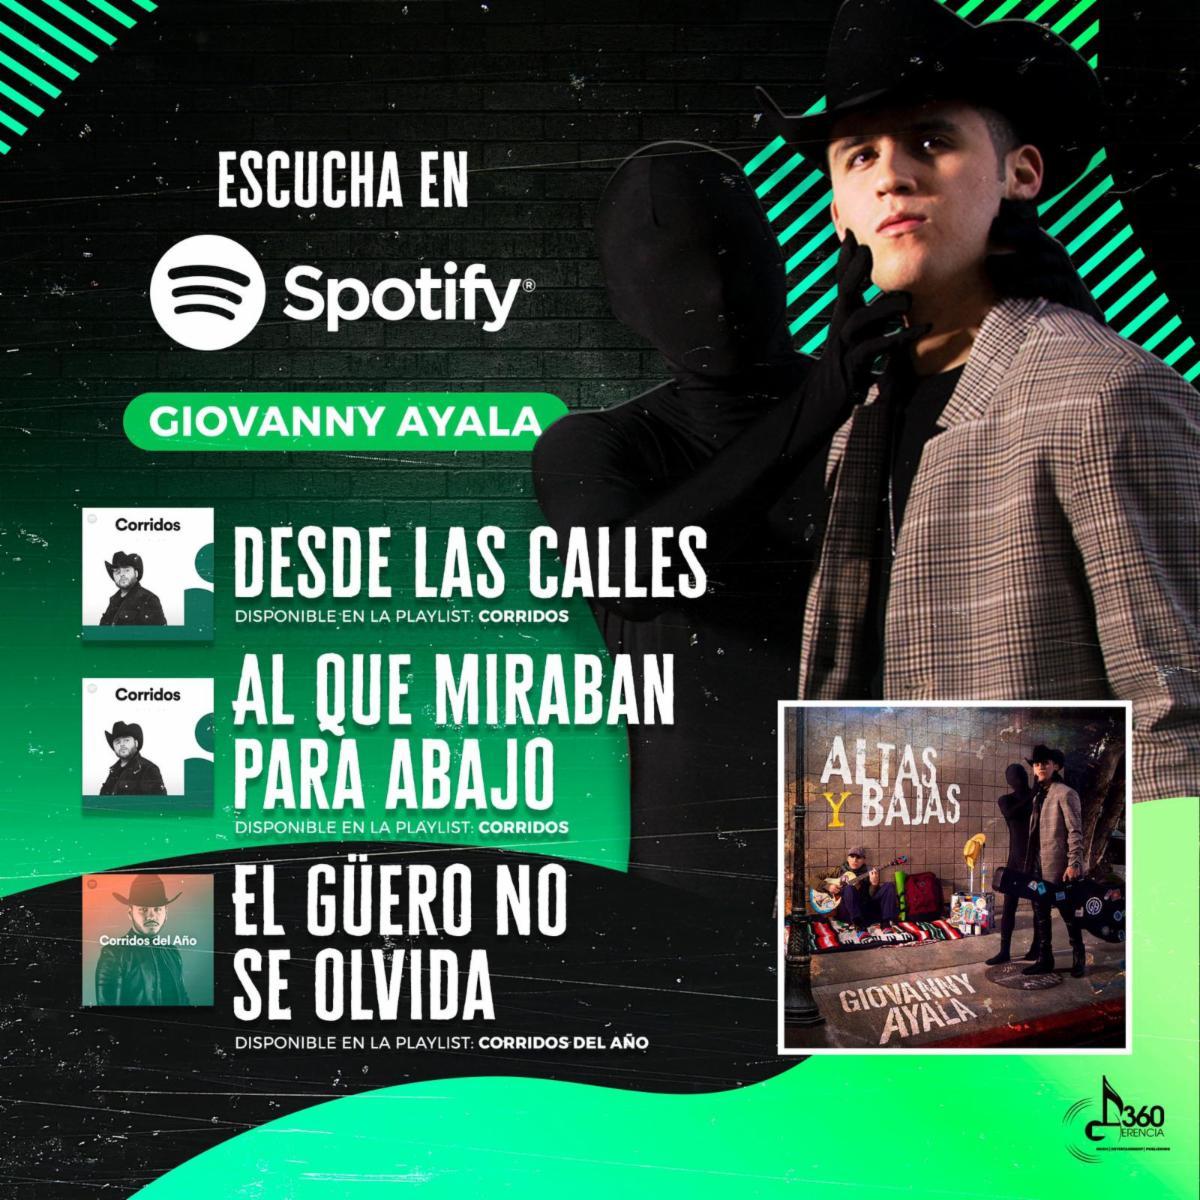 Altas Bajas - Giovanny Ayala - Gerencia360 - Spotify